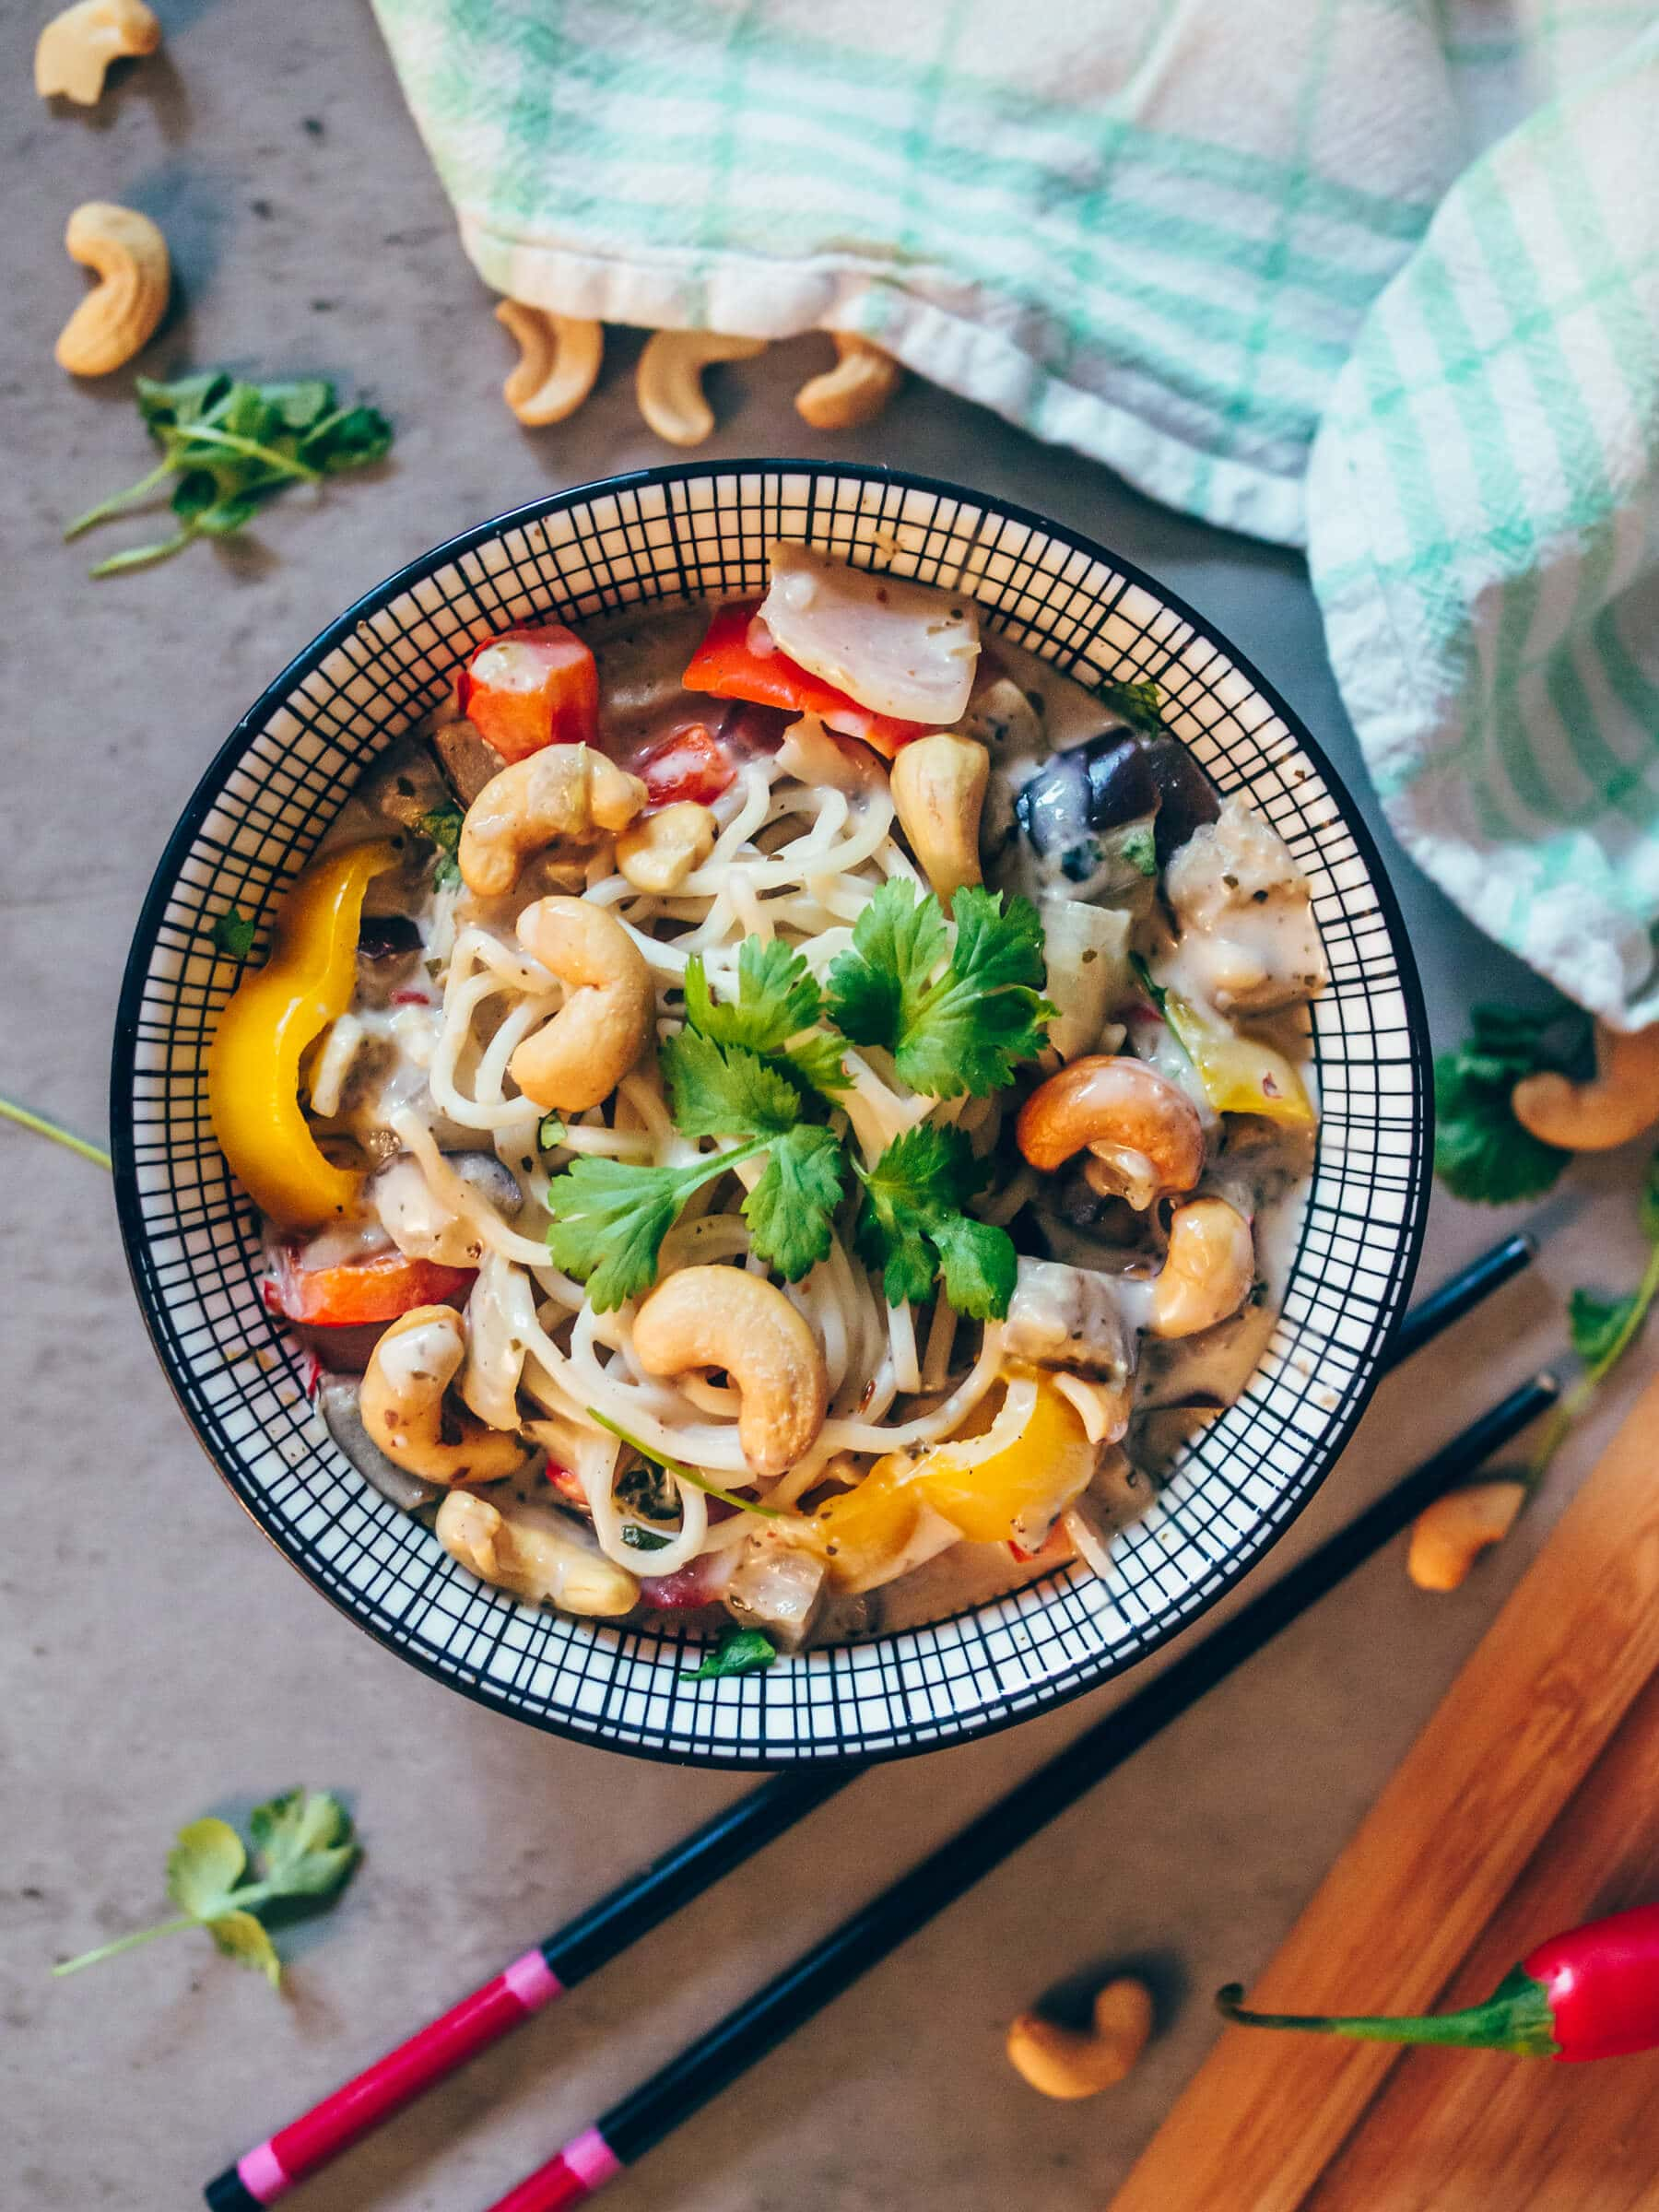 Thai inspired coconut & coriander noodle bowl - Quick & easy vegan recipe